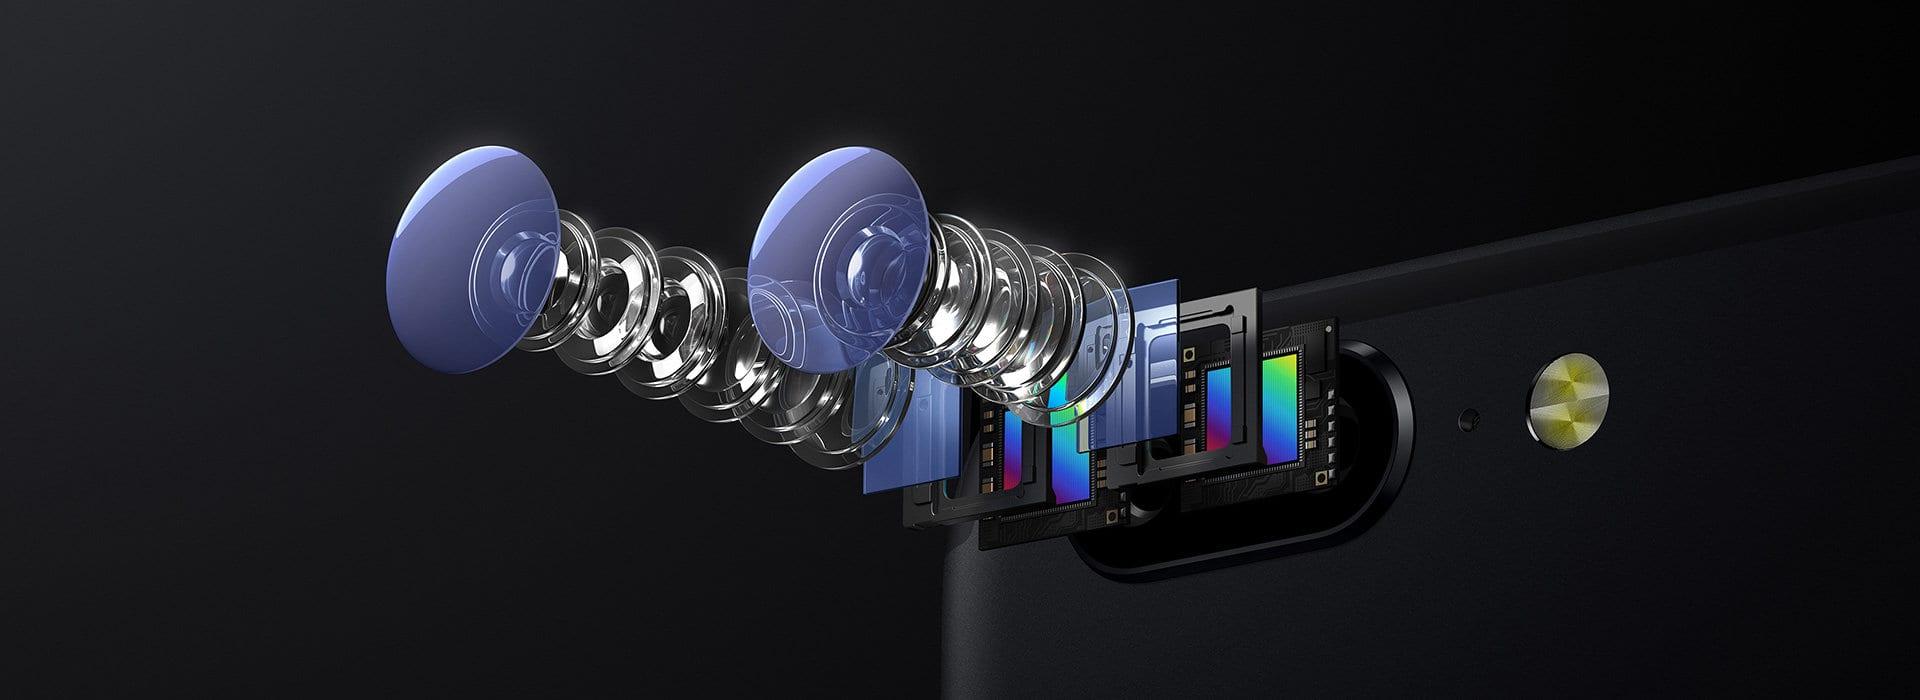 OnePlus 5 - Cámara dual